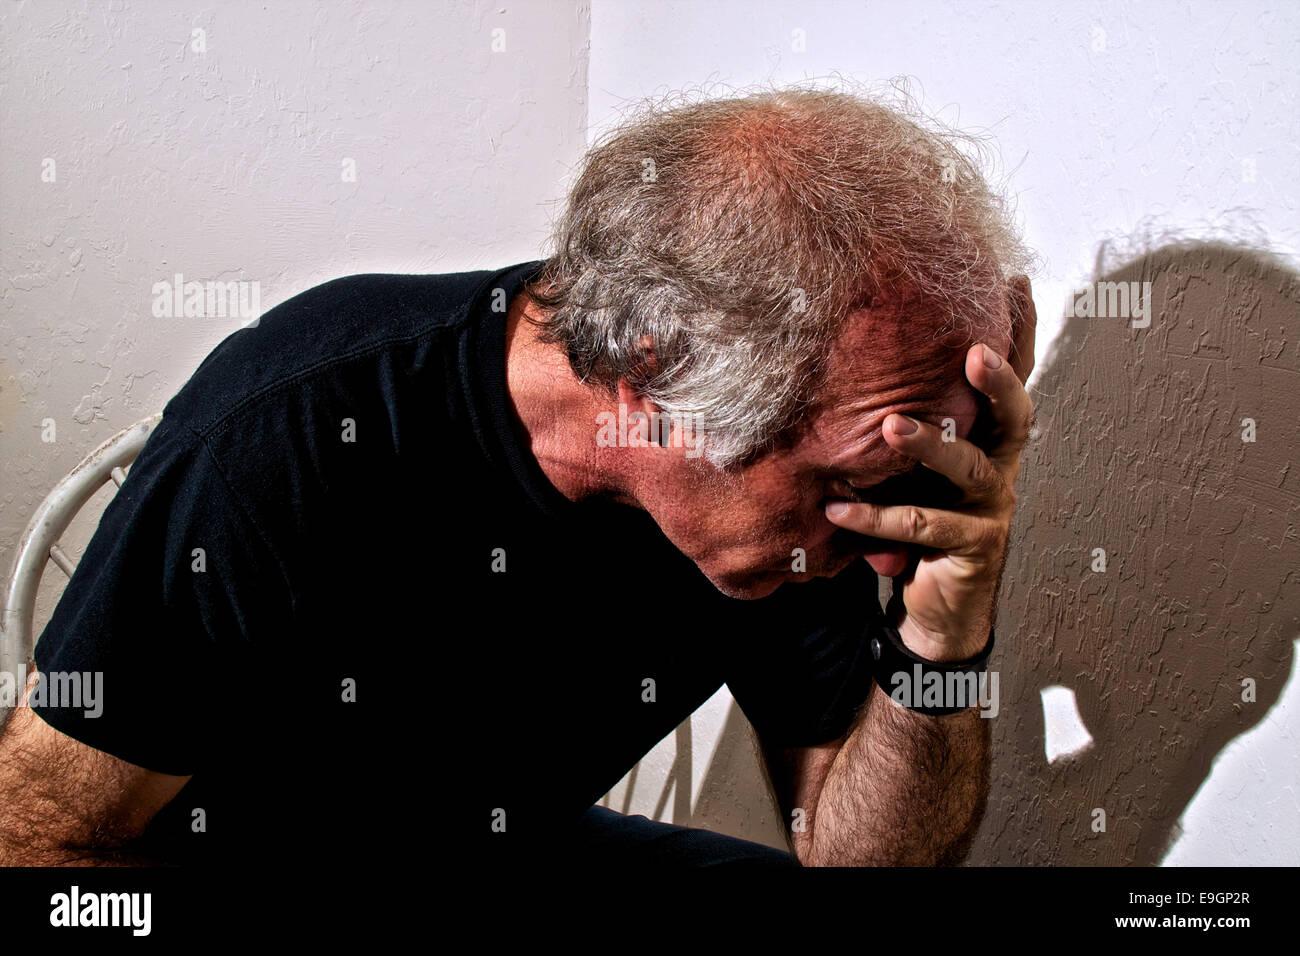 Ritratto di un distressed vecchio uomo bianco tenendo la testa seduto in un angolo della sala bianca. Immagini Stock